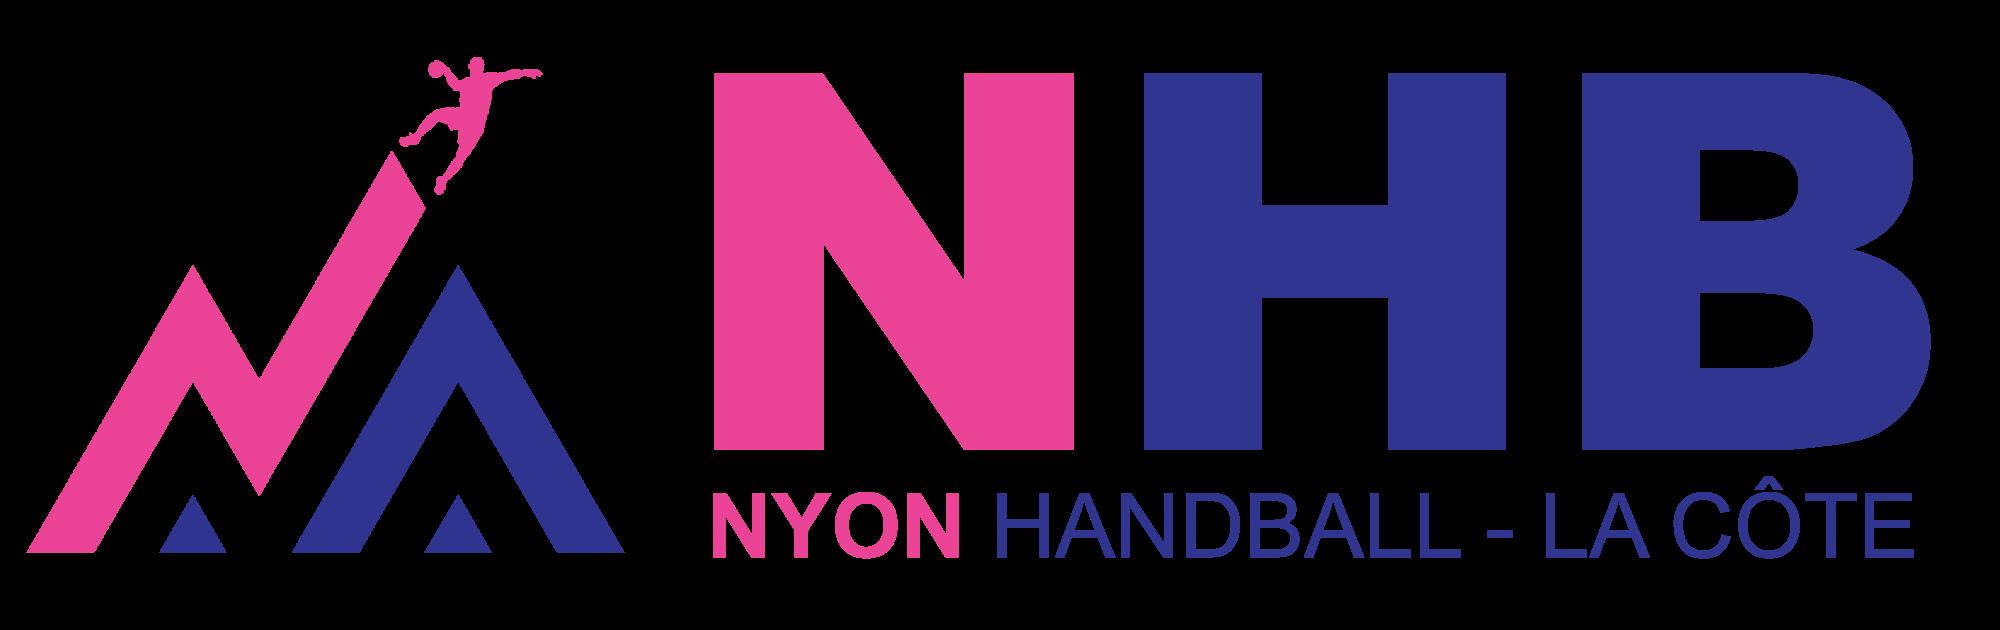 Nyon Handball La Côte